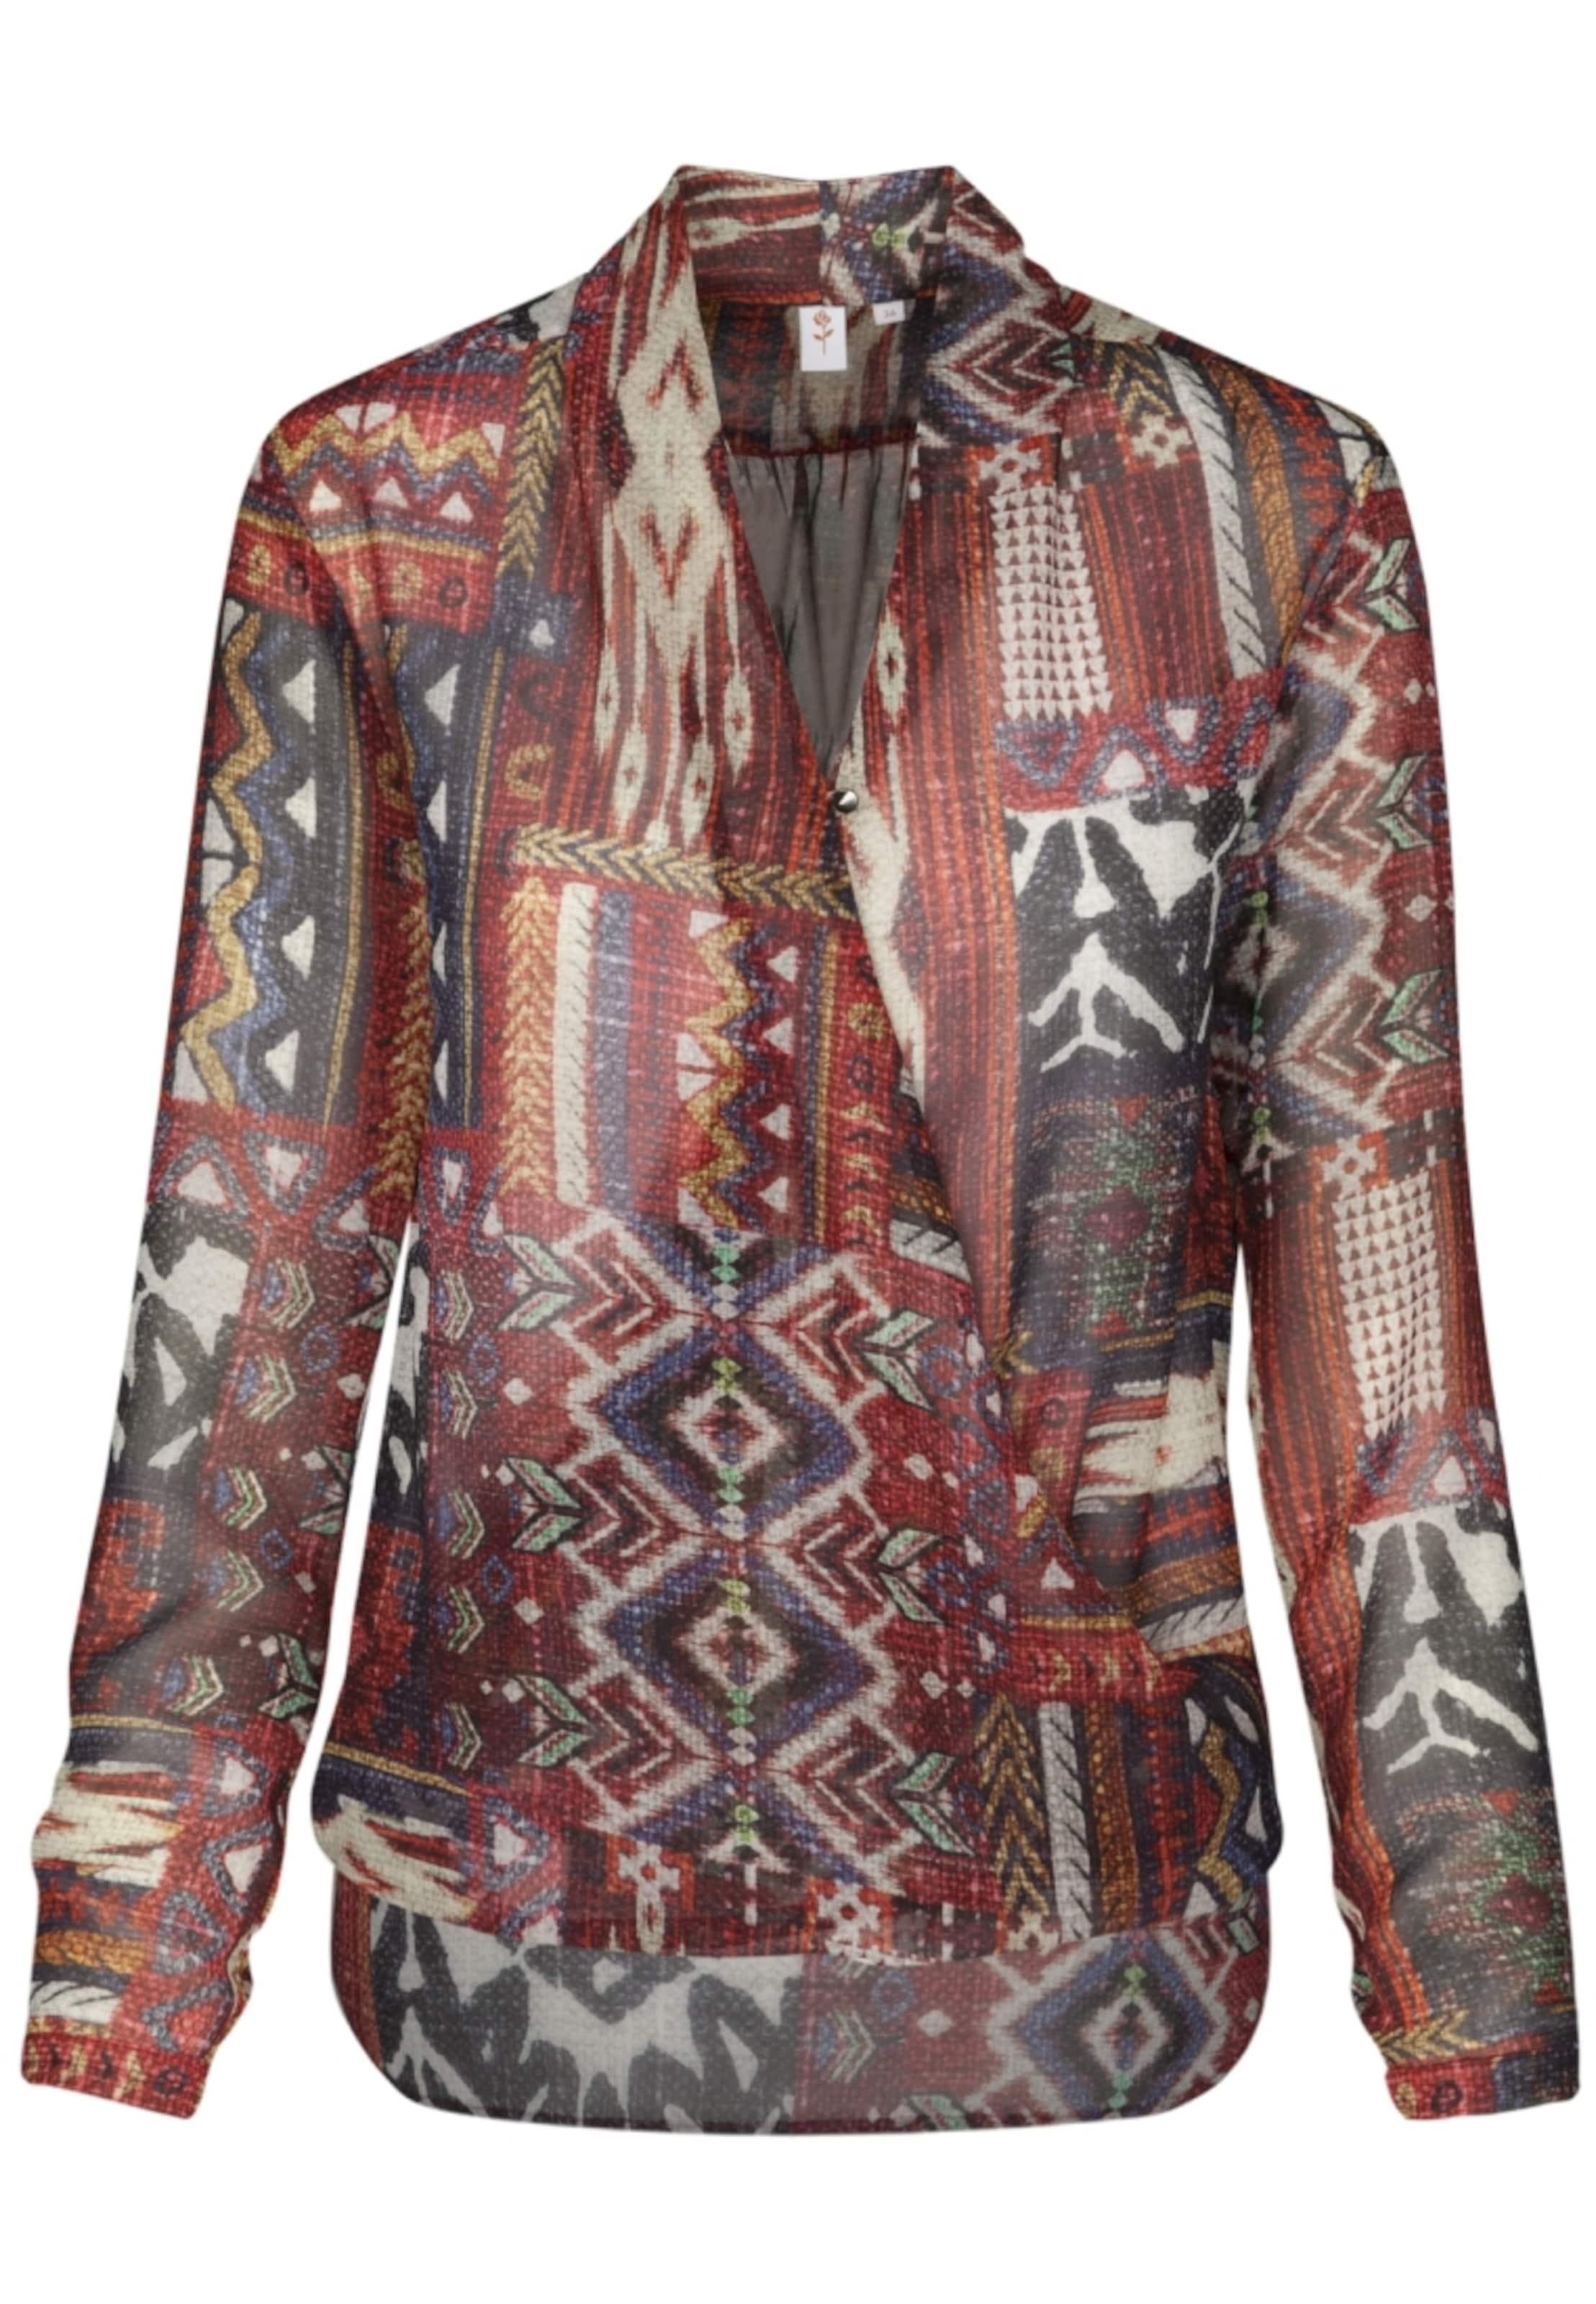 Manchester Großer Verkauf Viele Arten Von Online-Verkauf SEIDENSTICKER Fashion-Bluse 'Schwarze Rose' Spielraum Günstig Online POoBCu7v6d